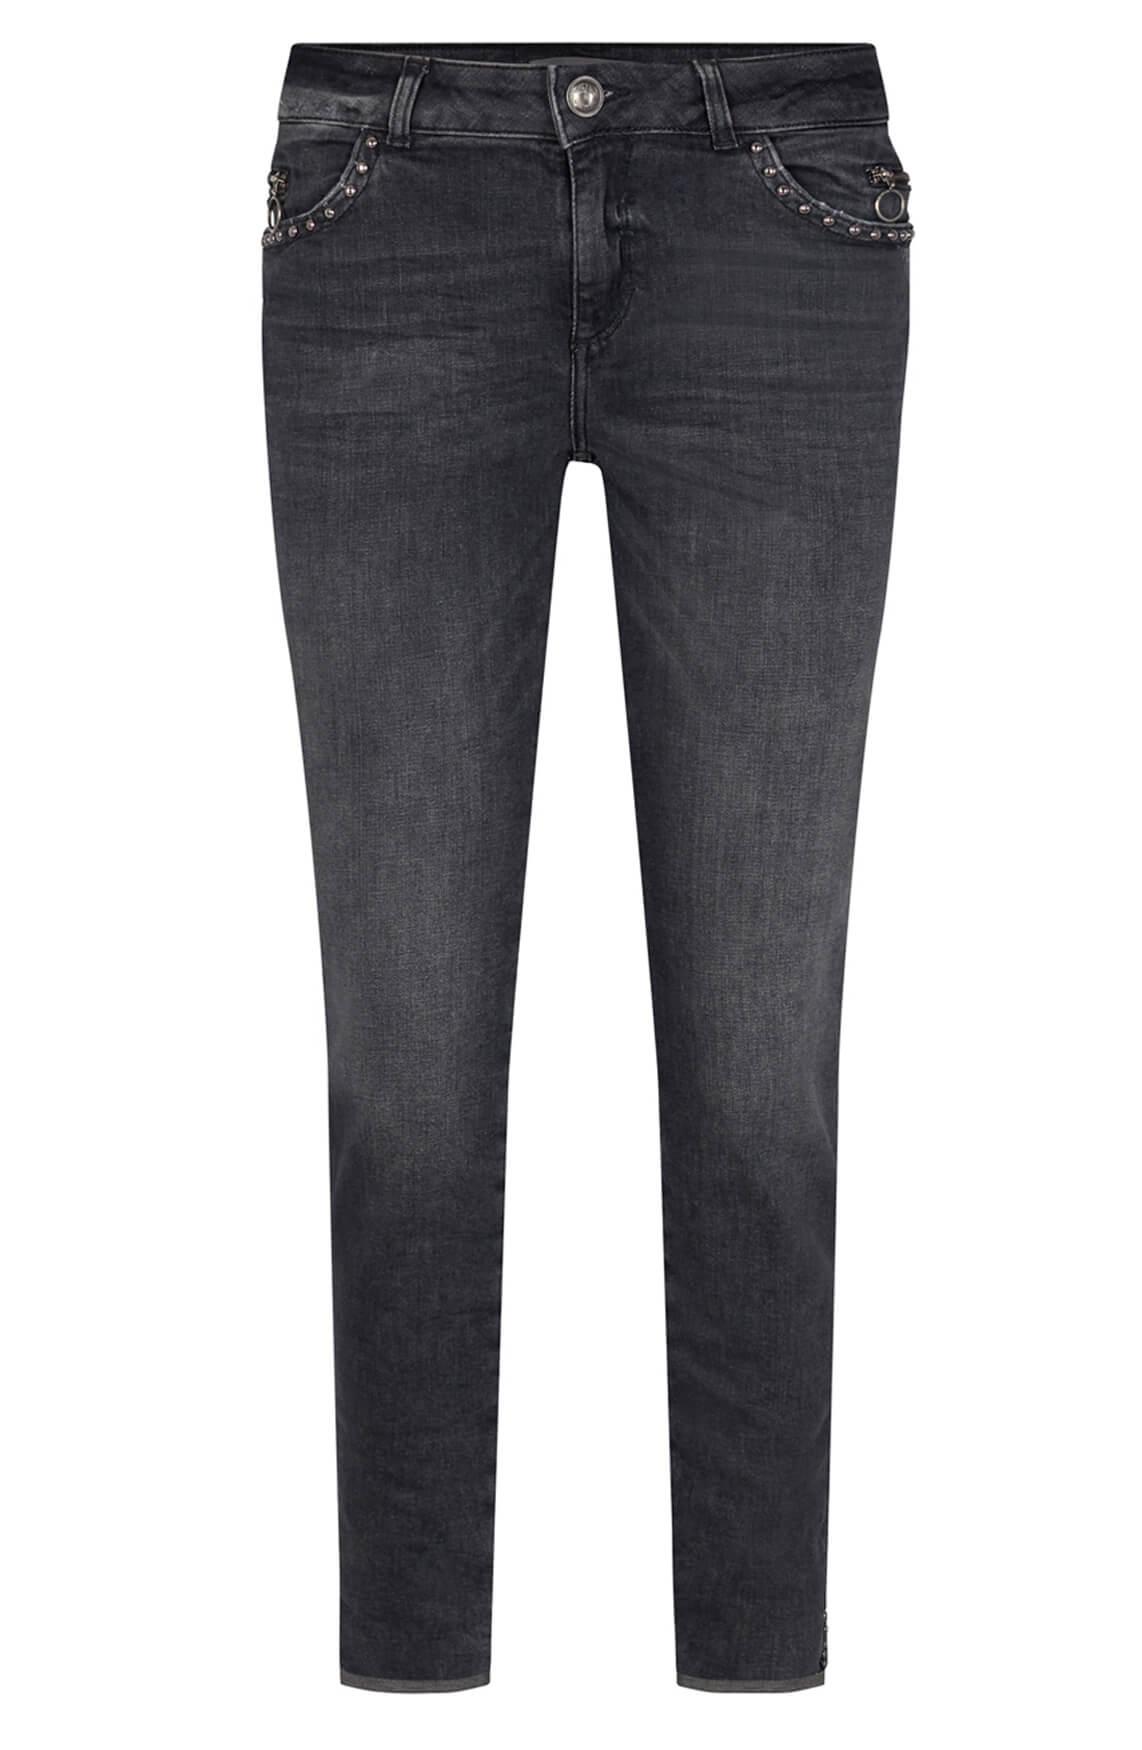 Mos Mosh Dames Sumner jeans Grijs